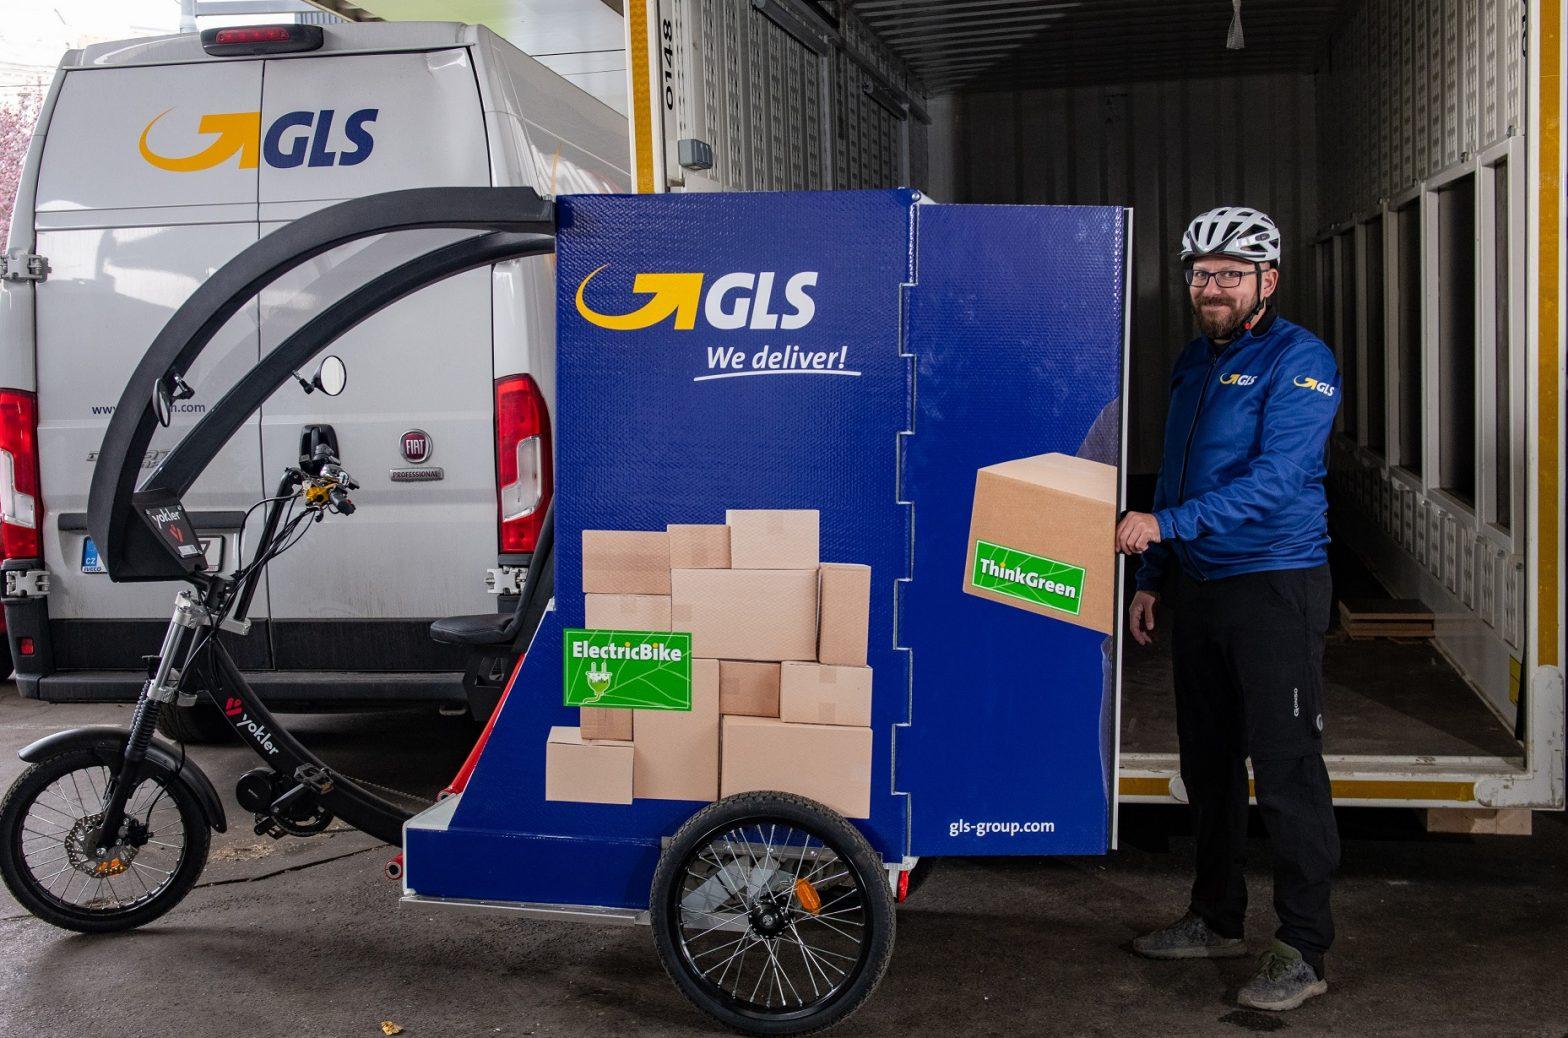 Cyklokurýr GLS